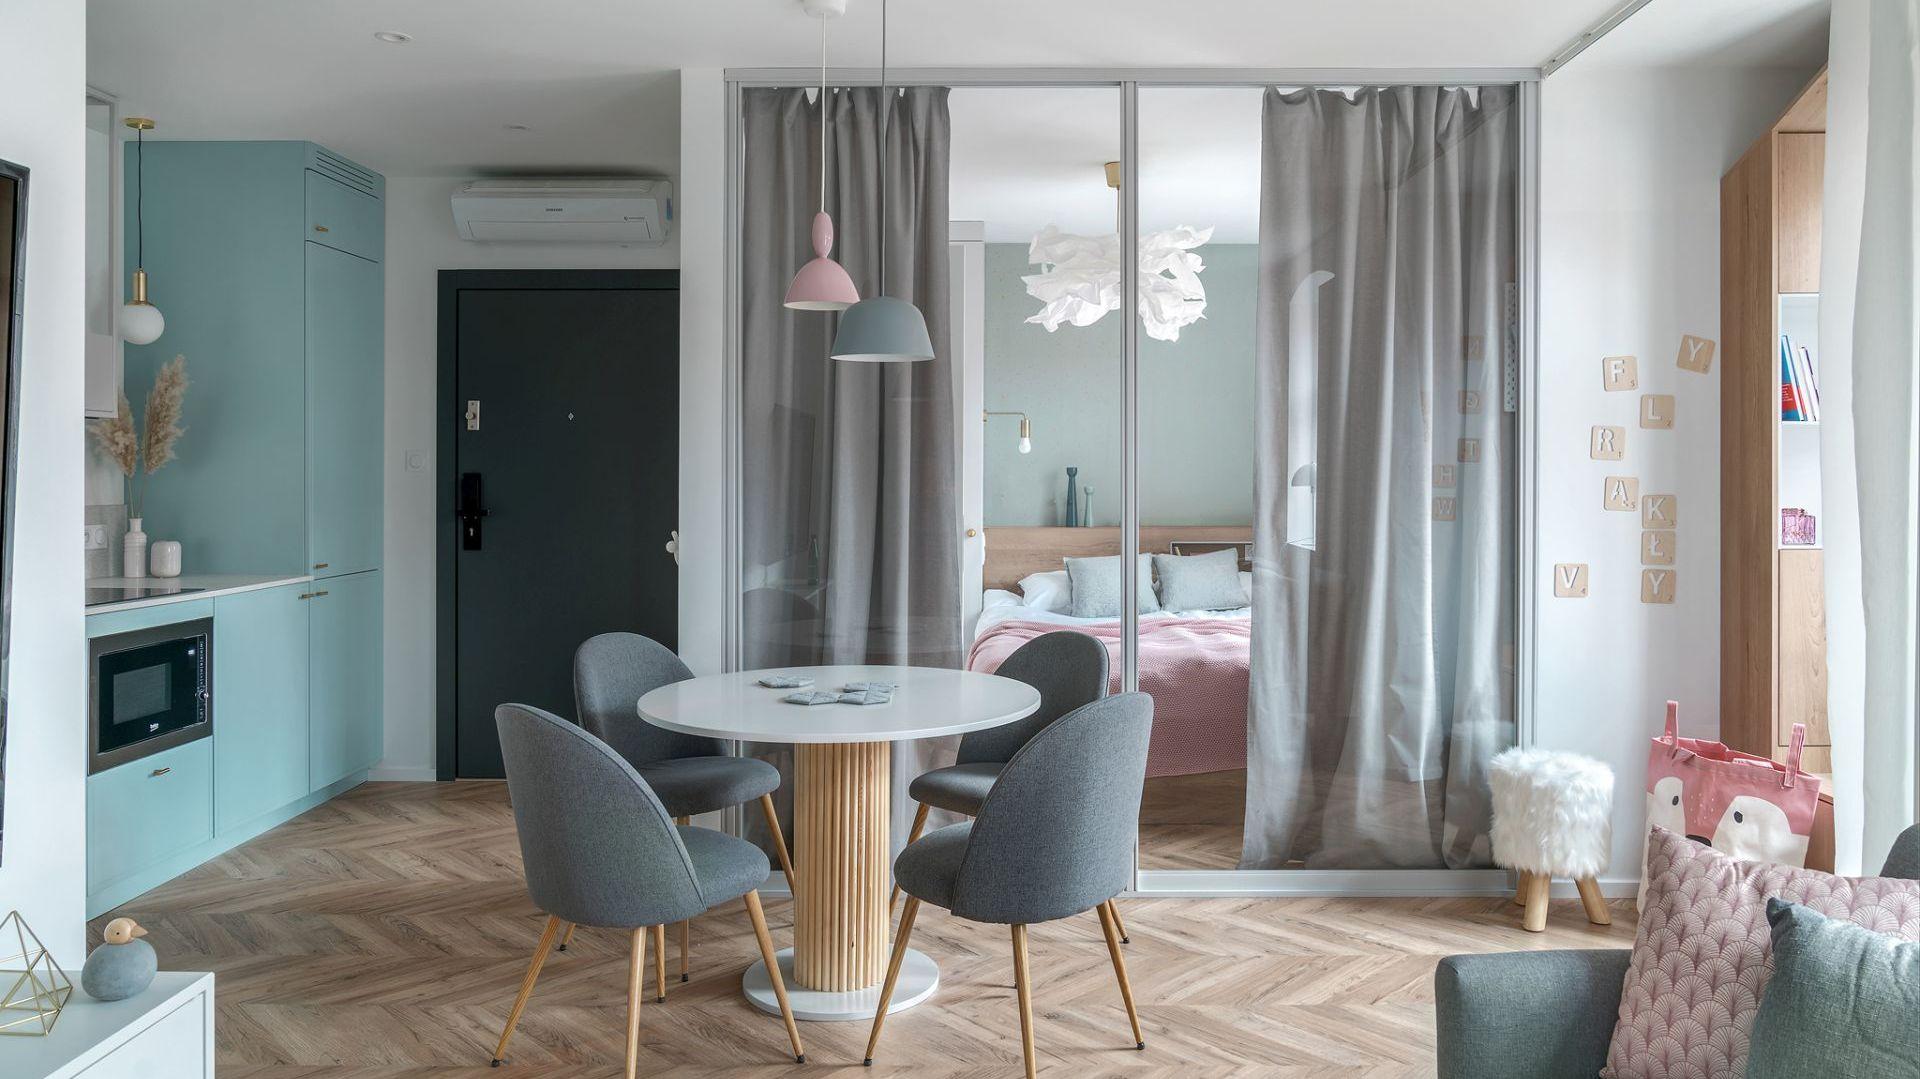 Nowoczesne mieszkanie w pastelach: zobacz przytulne wnętrze